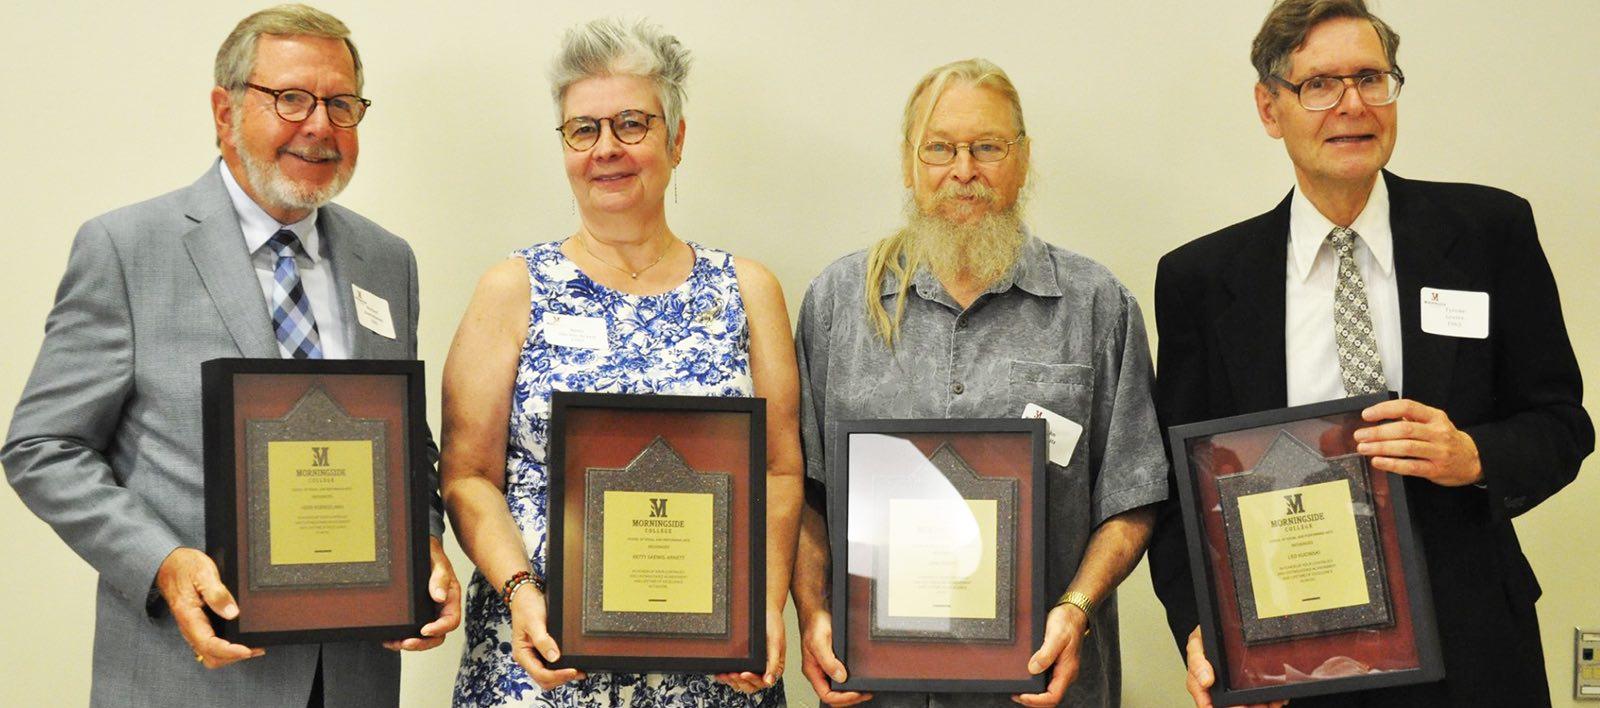 2019 CODA recipients